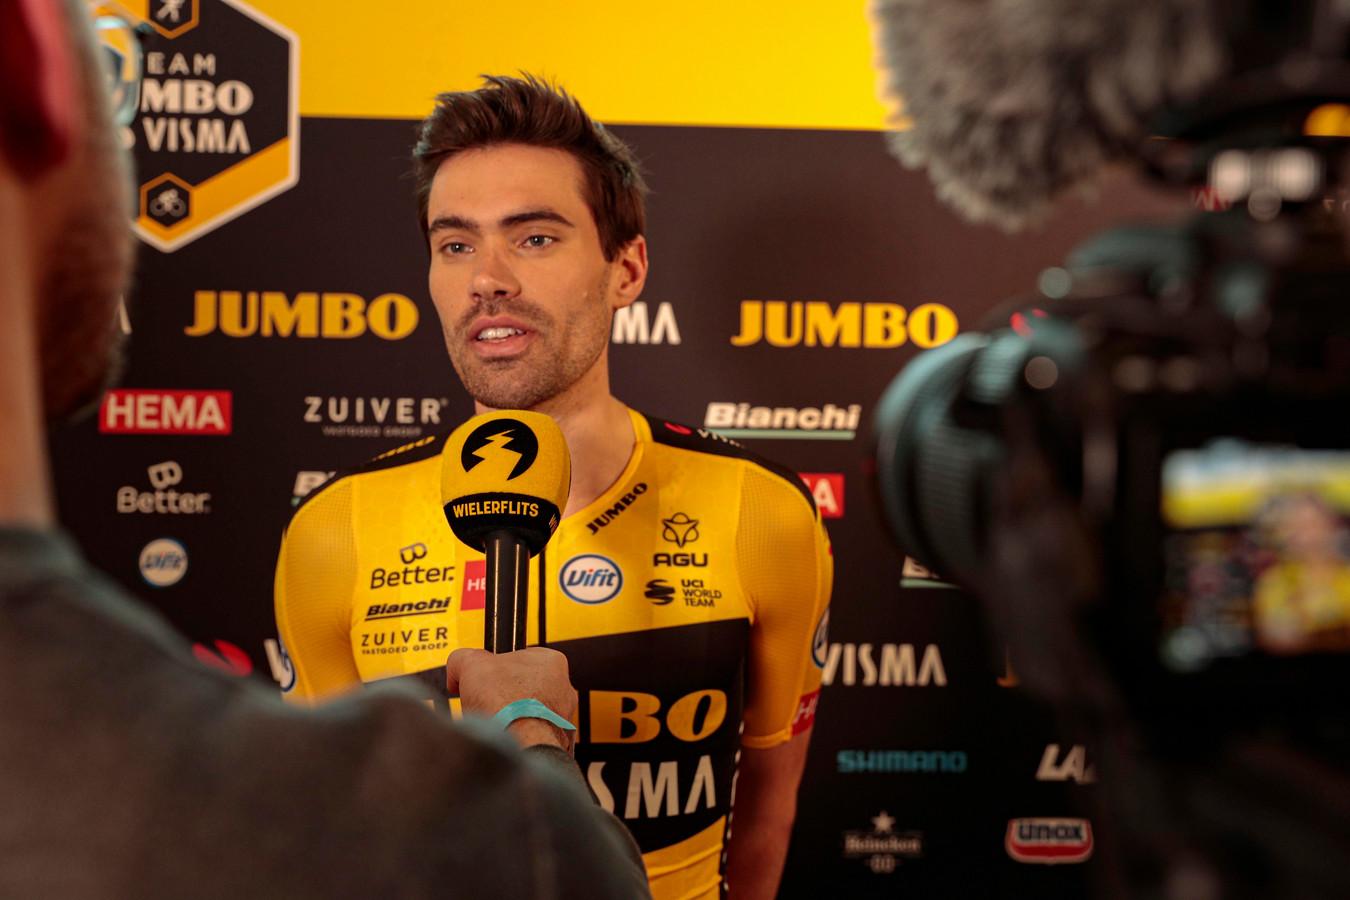 Tom Dumoulin n'a pas encore disputé la moindre course sous les couleurs de Jumbo-Visma.